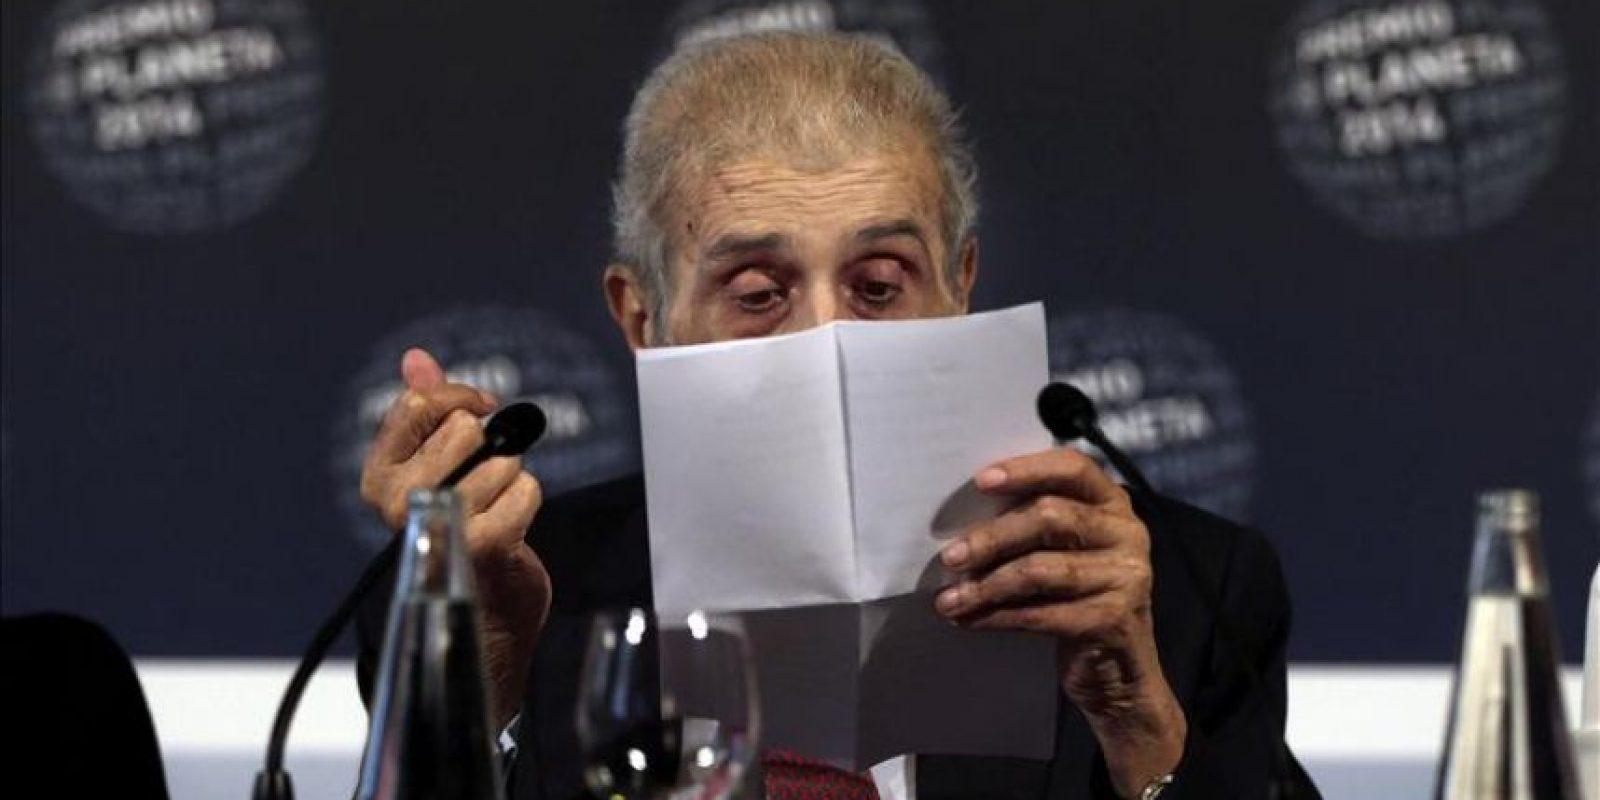 El presidente del Grupo Planeta, José Manuel Lara. EFE/Archivo